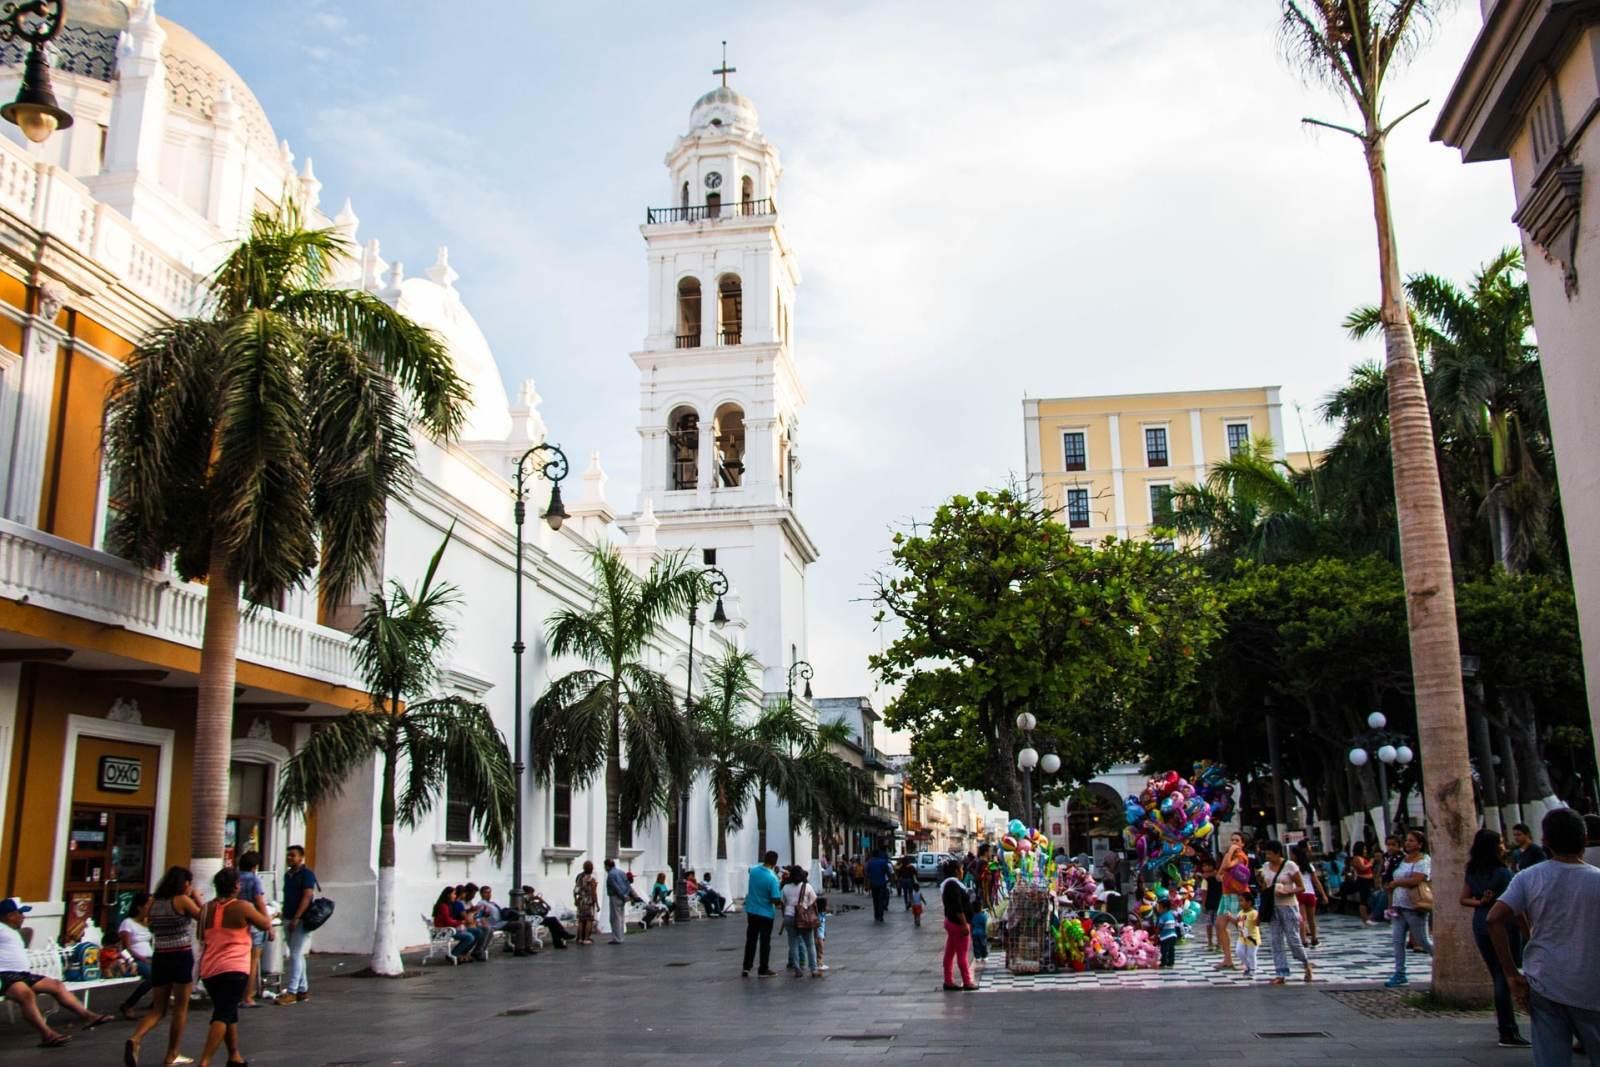 Las mejores zonas donde alojarse en Veracruz, México